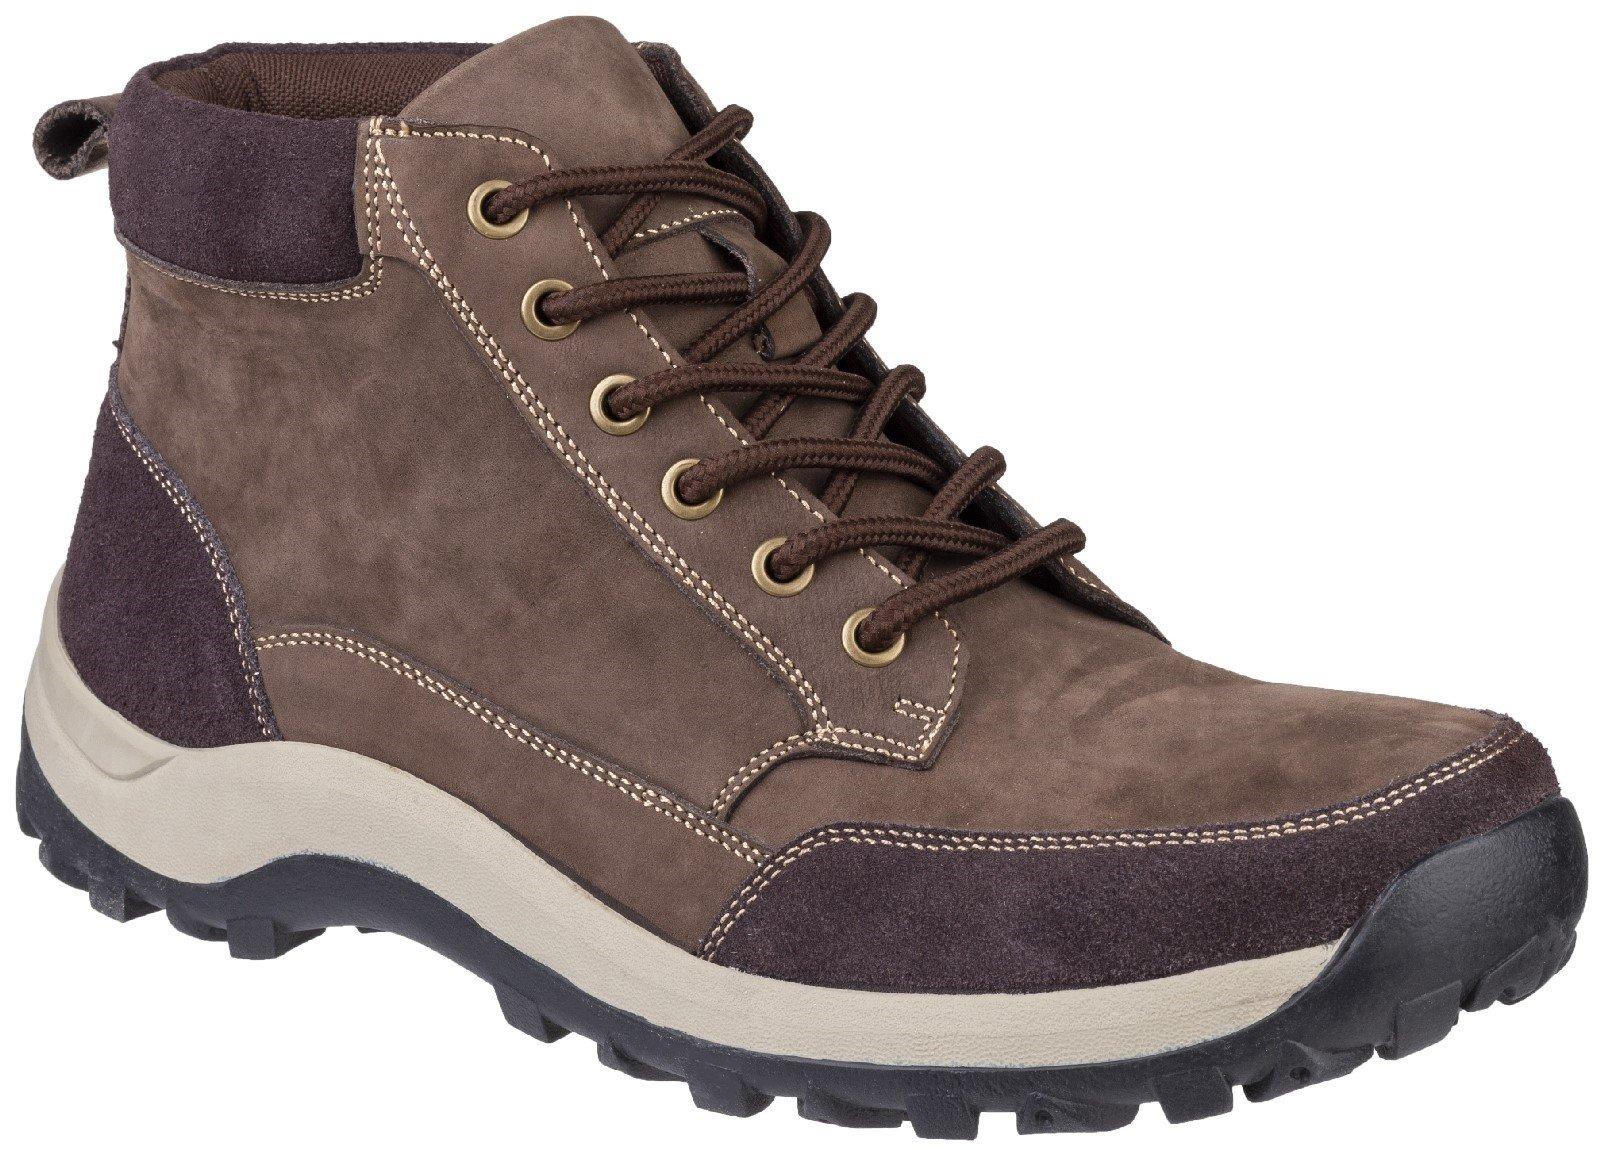 Cotswold Men's Slad Lace Up Boot Various Colours 27136 - Brown 6.5